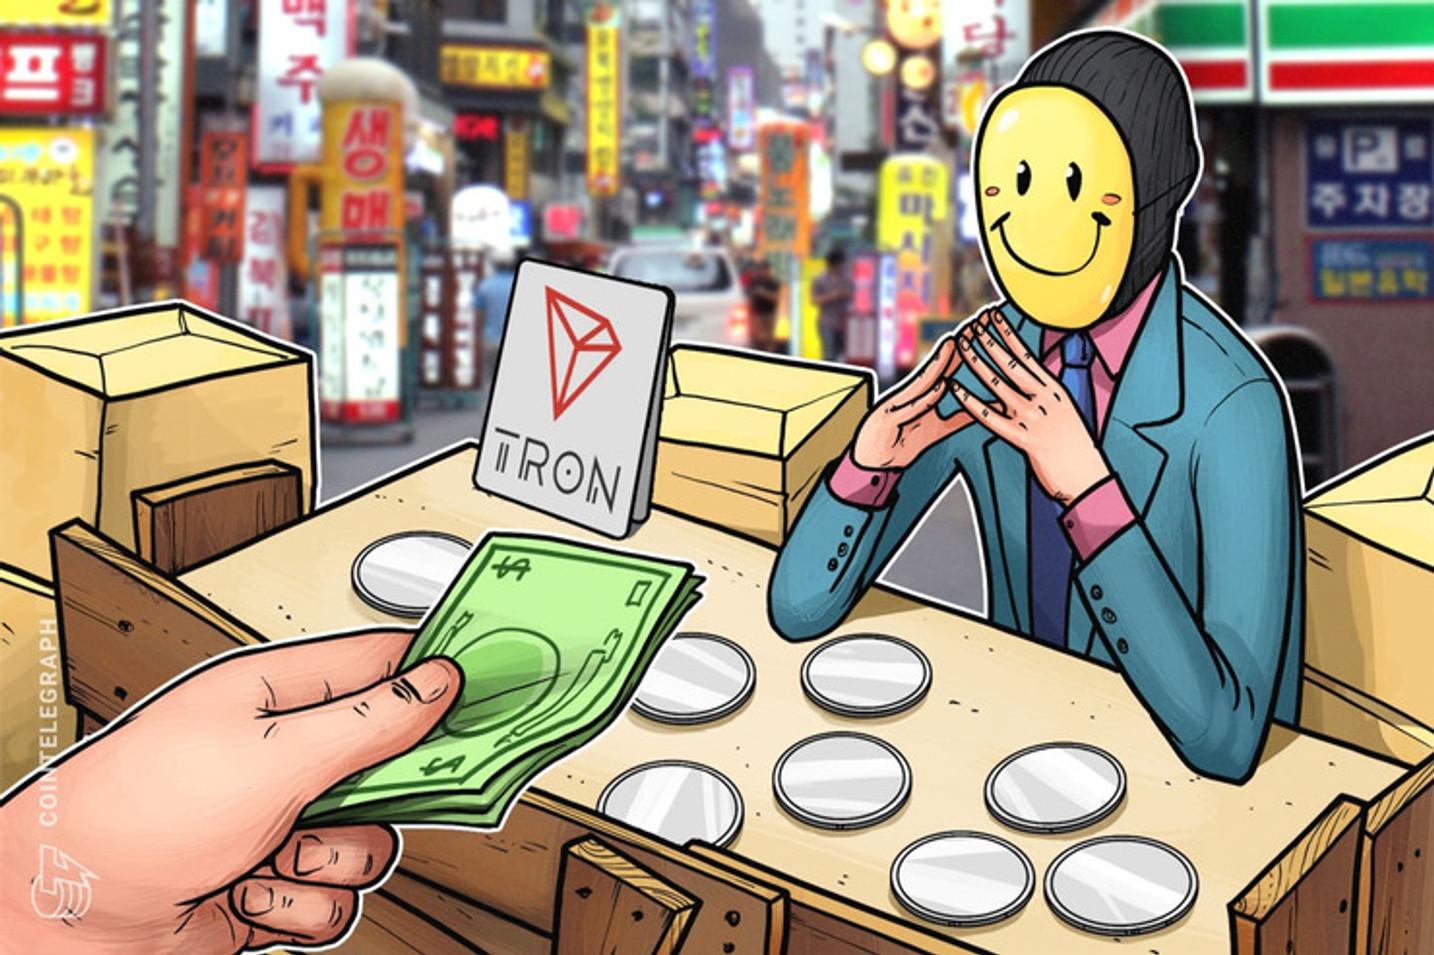 El precio de Tron (TRX) sube a medida que se conocen noticias positivas alrededor de la criptomoneda de Justin Sun